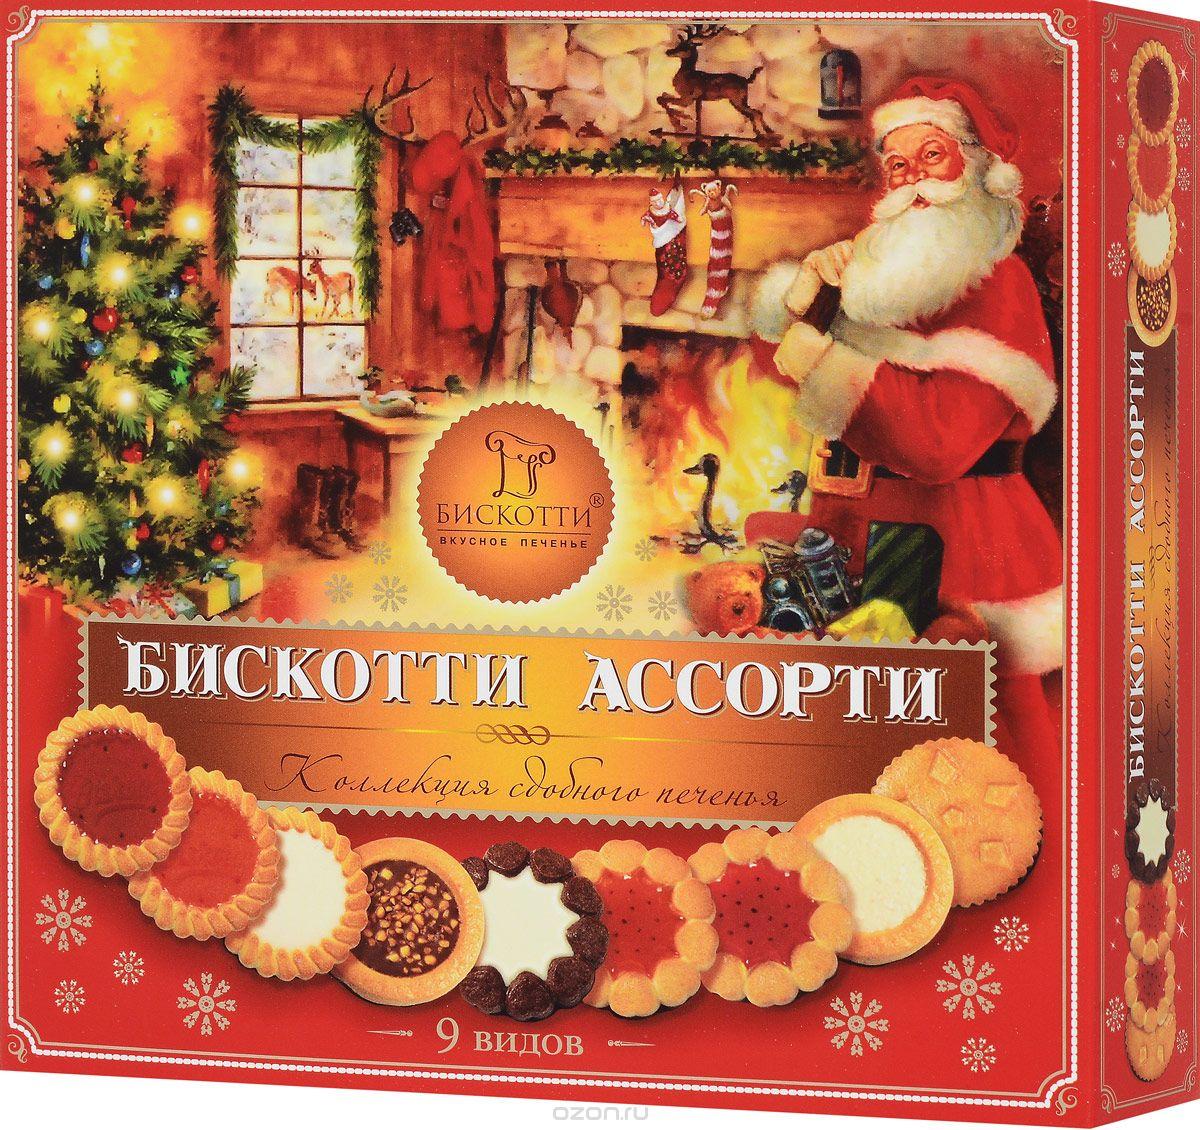 Бискотти Ассорти печенье сдобное, 345 г (9 видов) raffaello конфеты с цельным миндальным орехом в кокосовой обсыпке 90 г